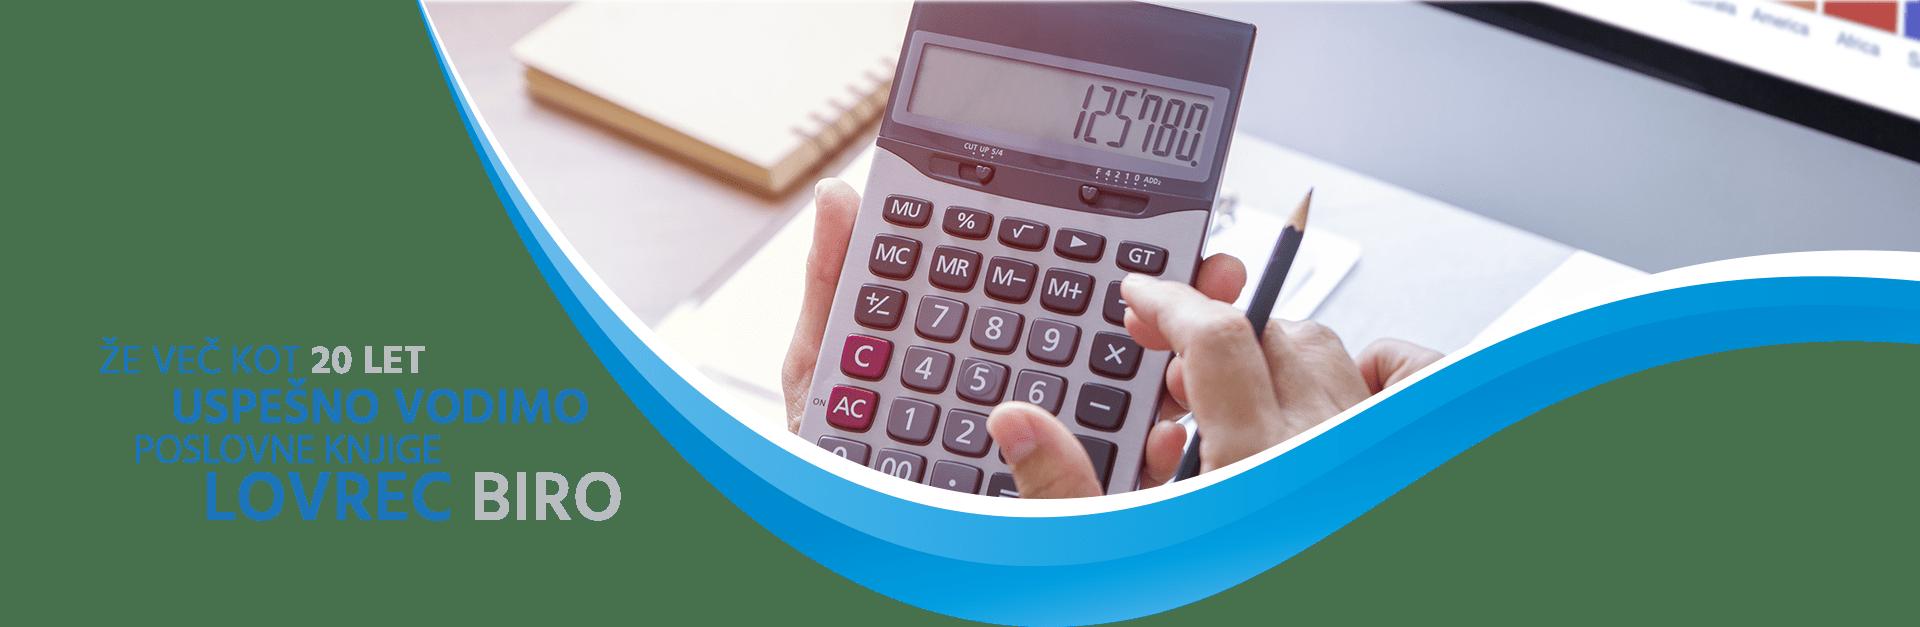 LOVREC BIRO, Obdelava računovodskih, knjigovodskih in drugih podatkov, davčna napoved, računovodski servis, osebne finance, Ljutomer - lovrecbiro-slider-image-txt-with-txt-1